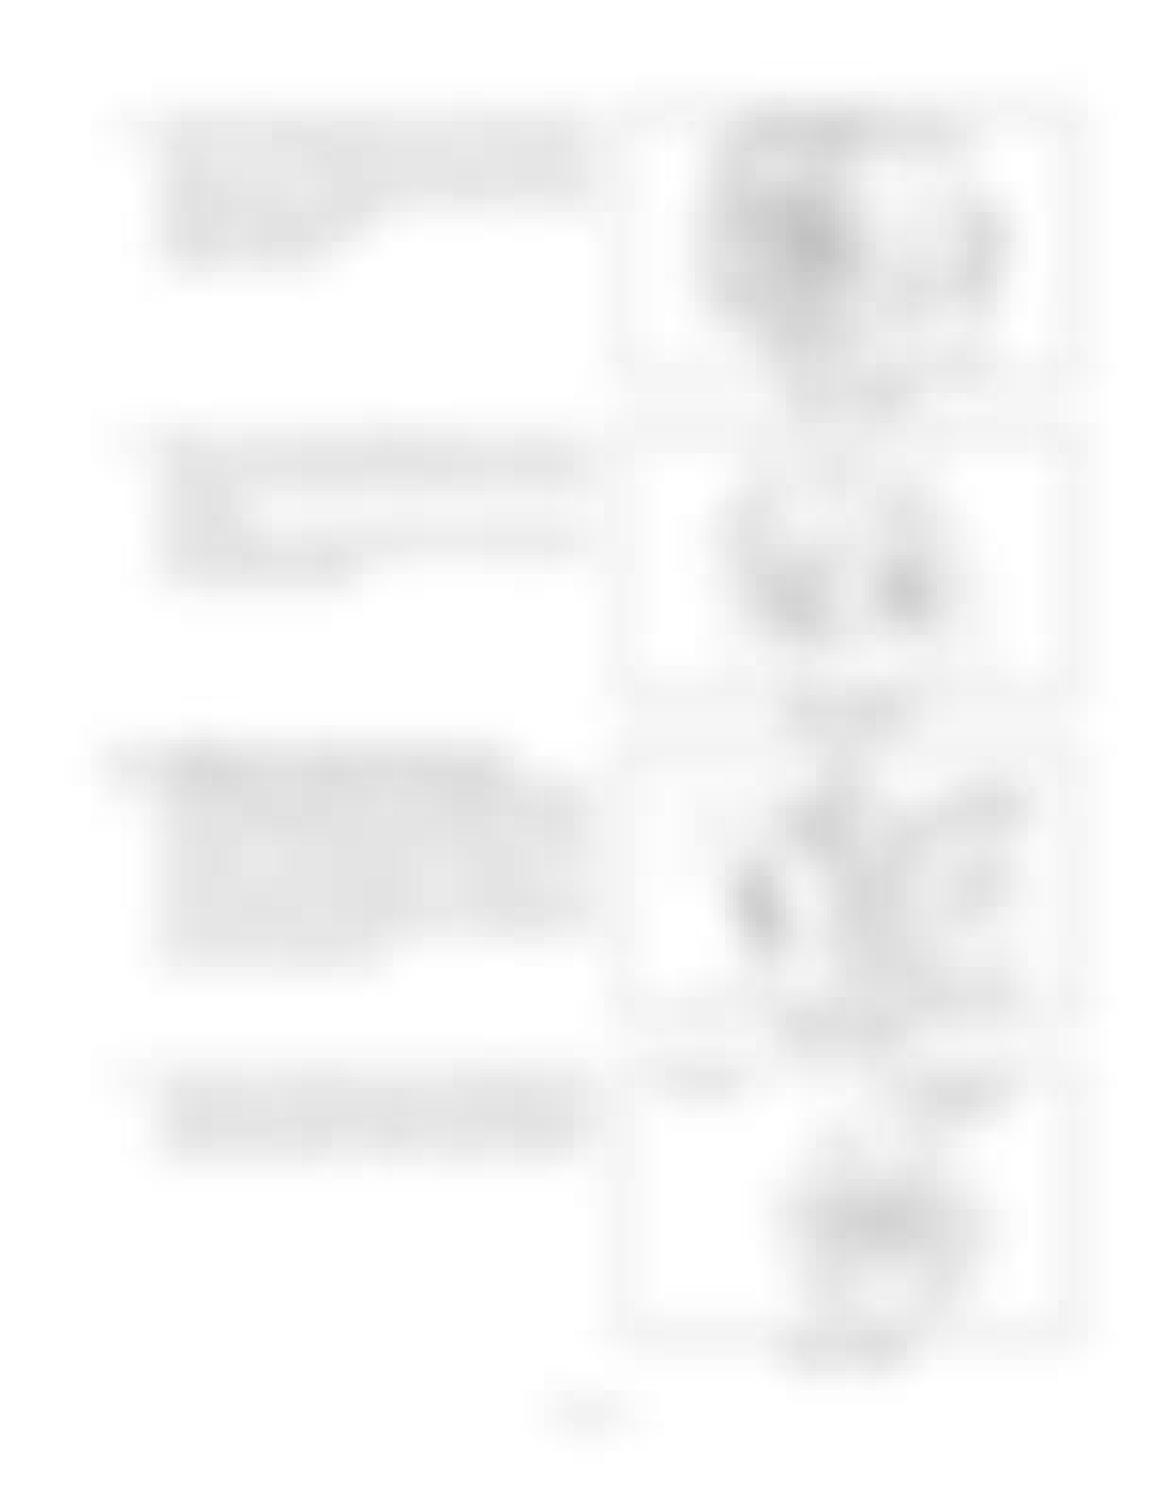 Hitachi LX110-7 LX130-7 LX160-7 LX190-7 LX230-7 Wheel Loader Workshop Manual - PDF DOWNLOAD page 171